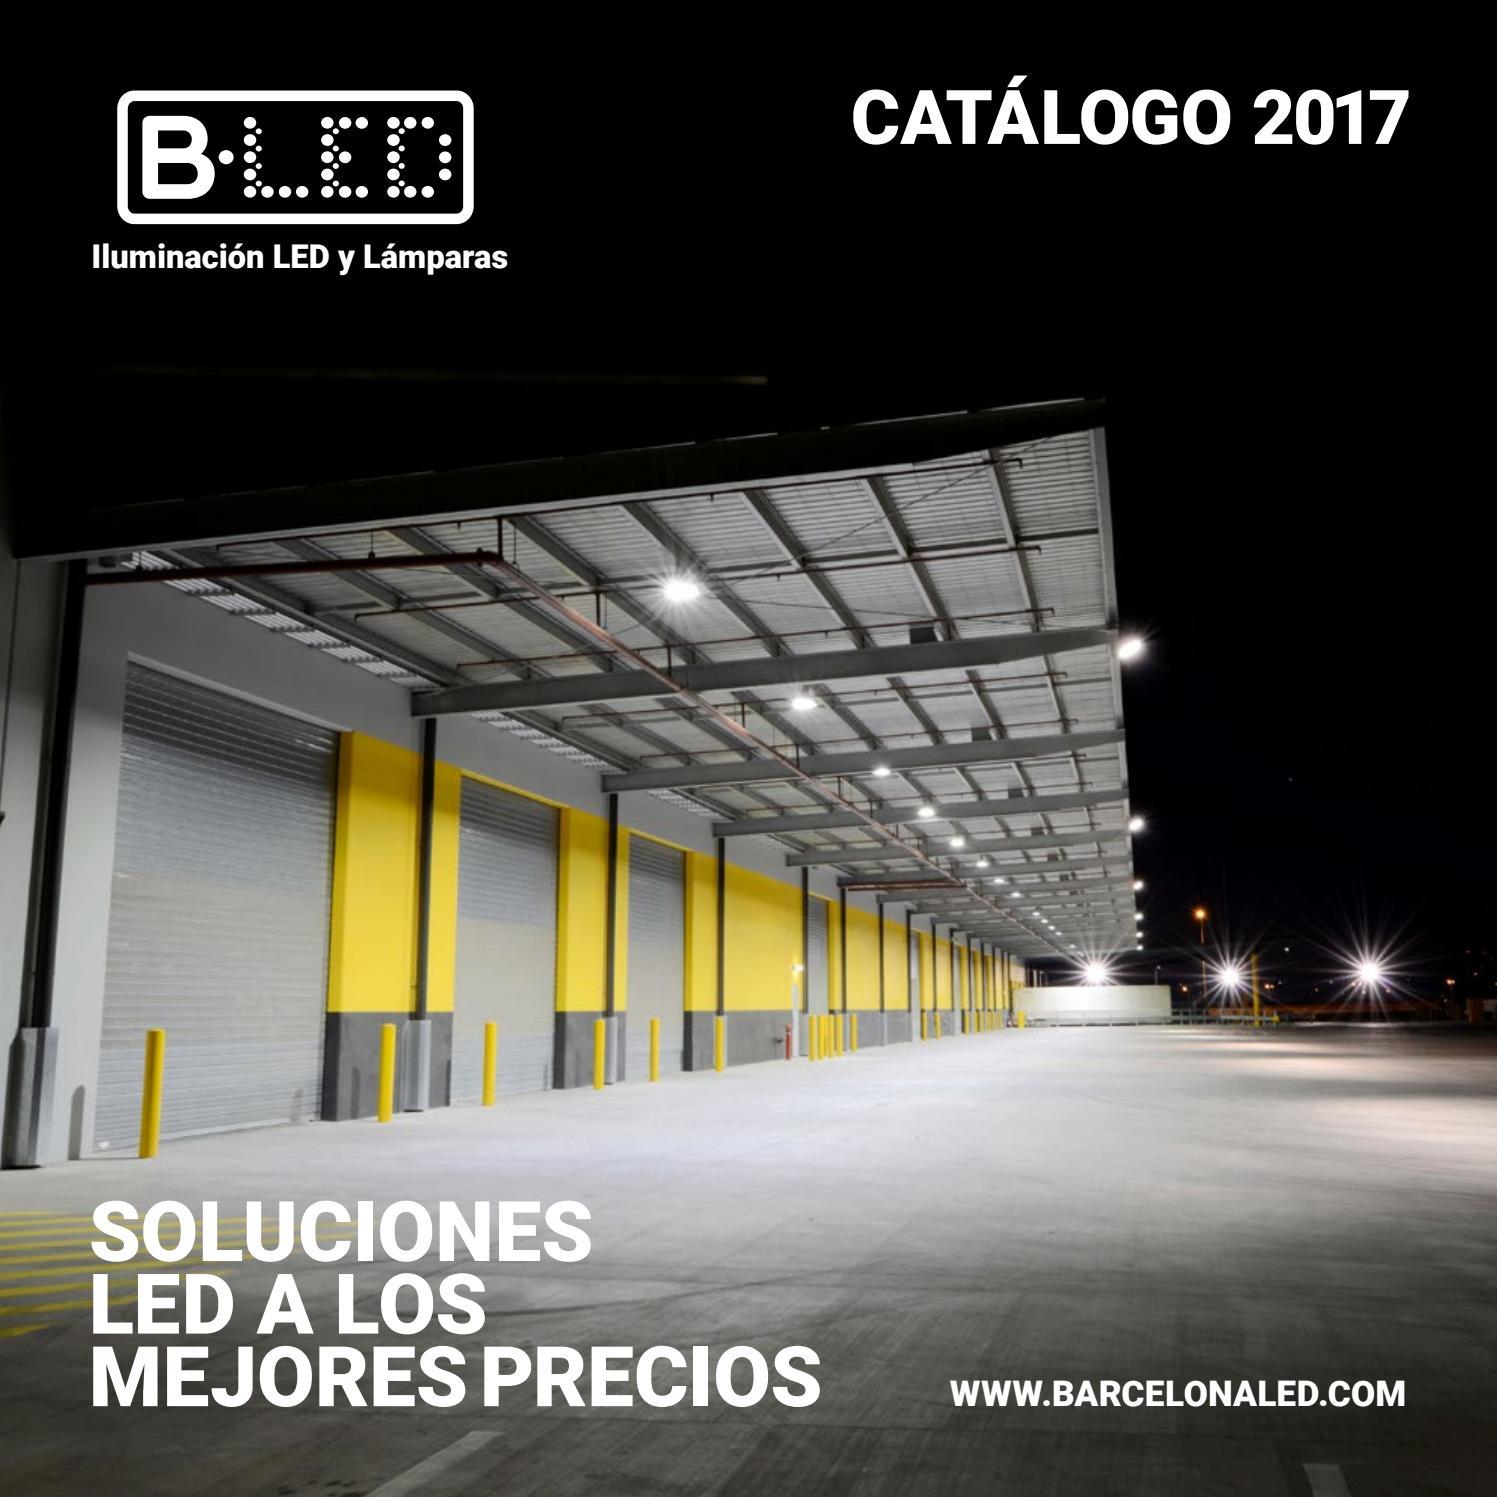 Iluminación Catálogo issuu by LED LED Barcelona Industrial mwNn08